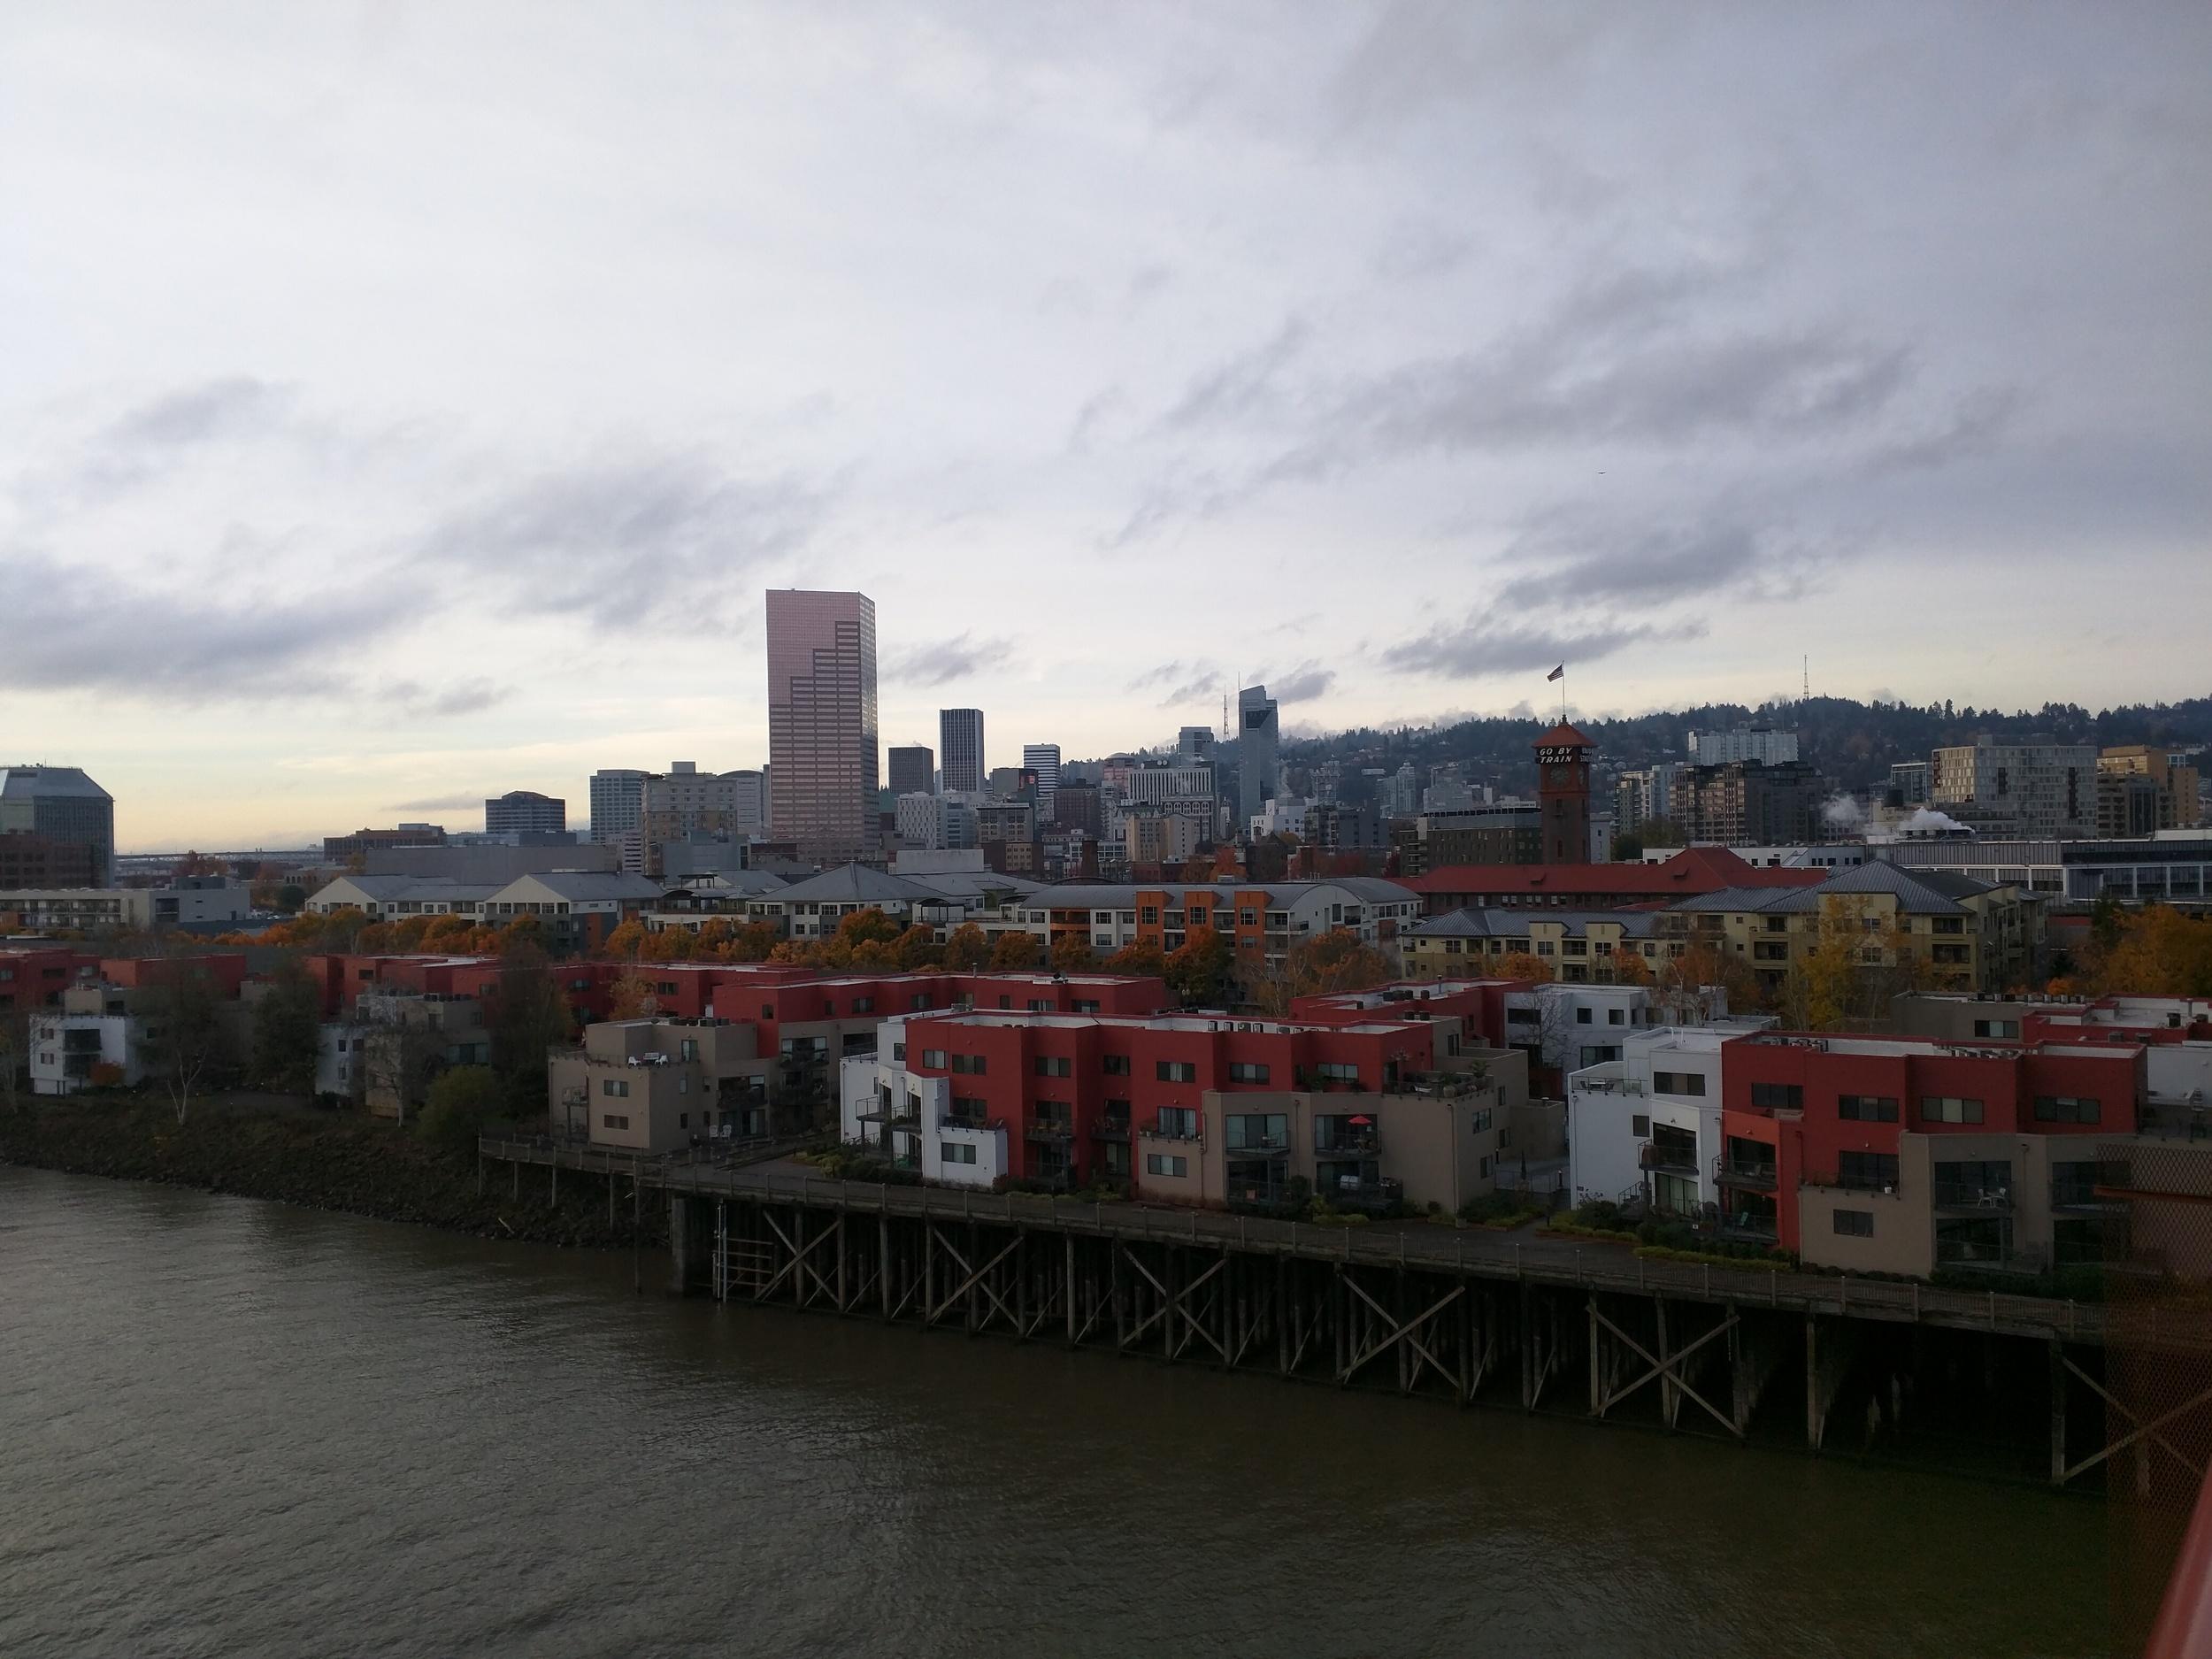 Willamette River and Portland